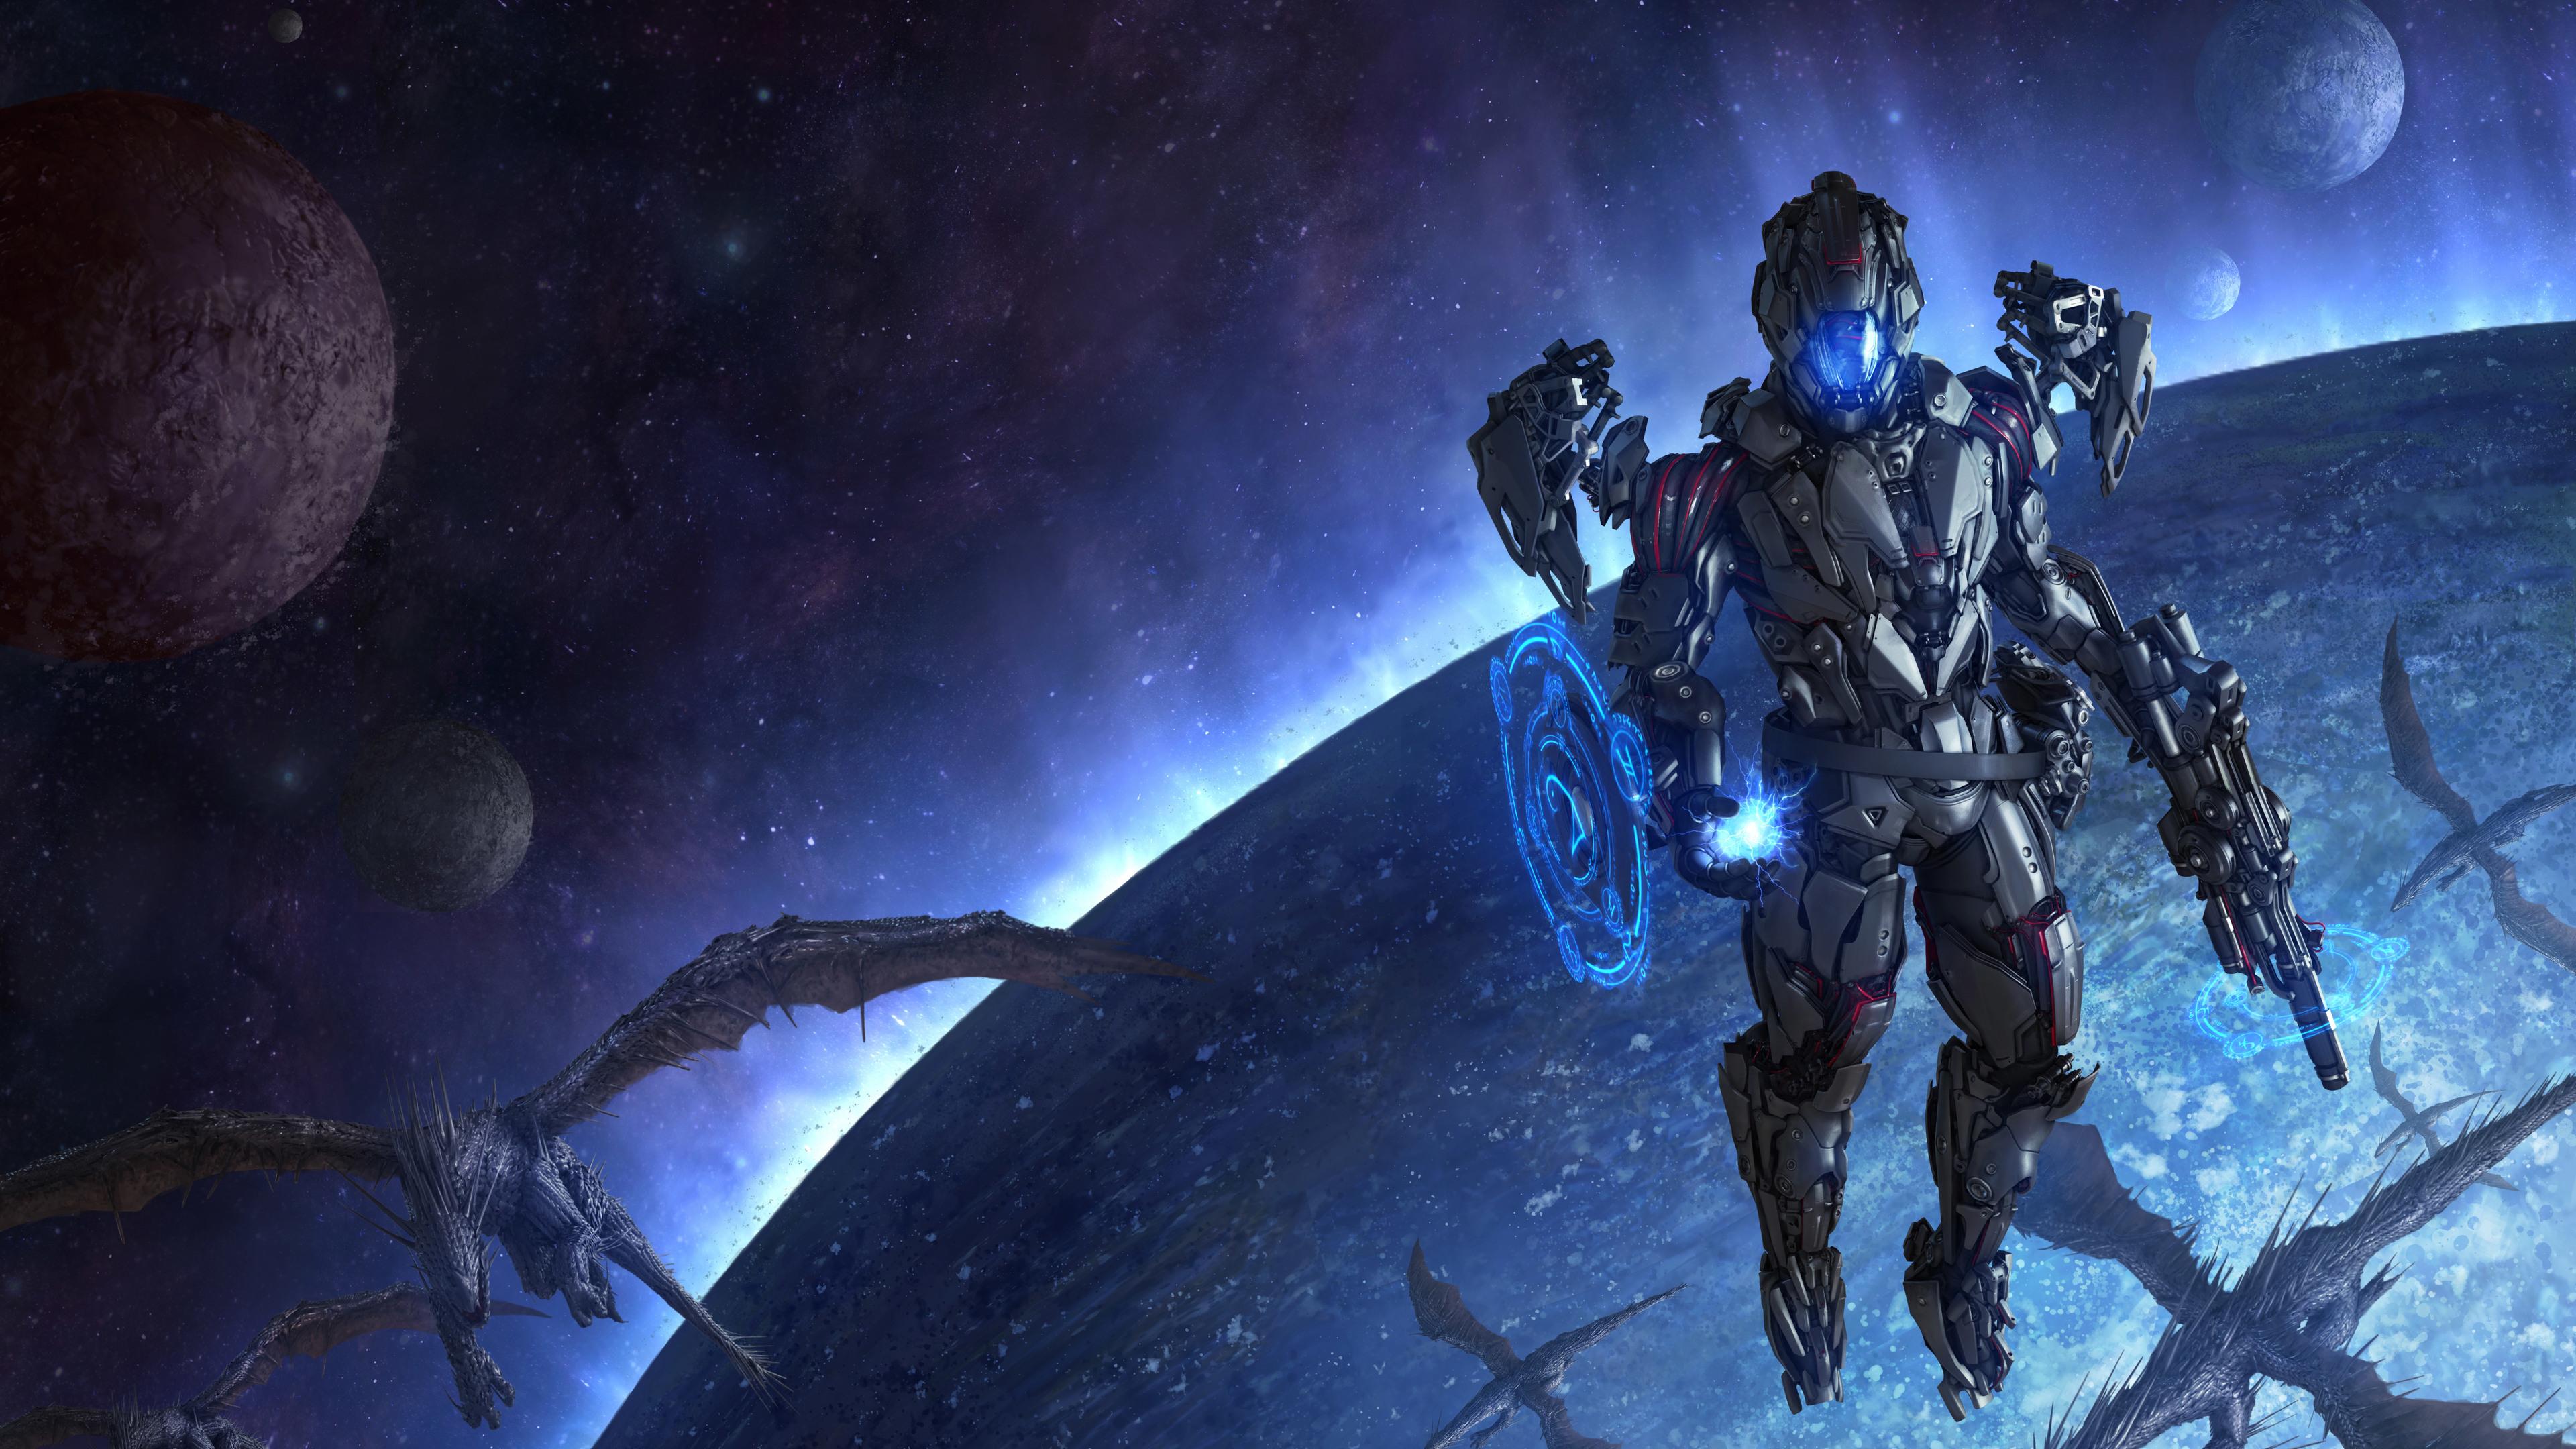 Wallpaper 4k Dragons Scifi Space Cyborg Space 4k 4k